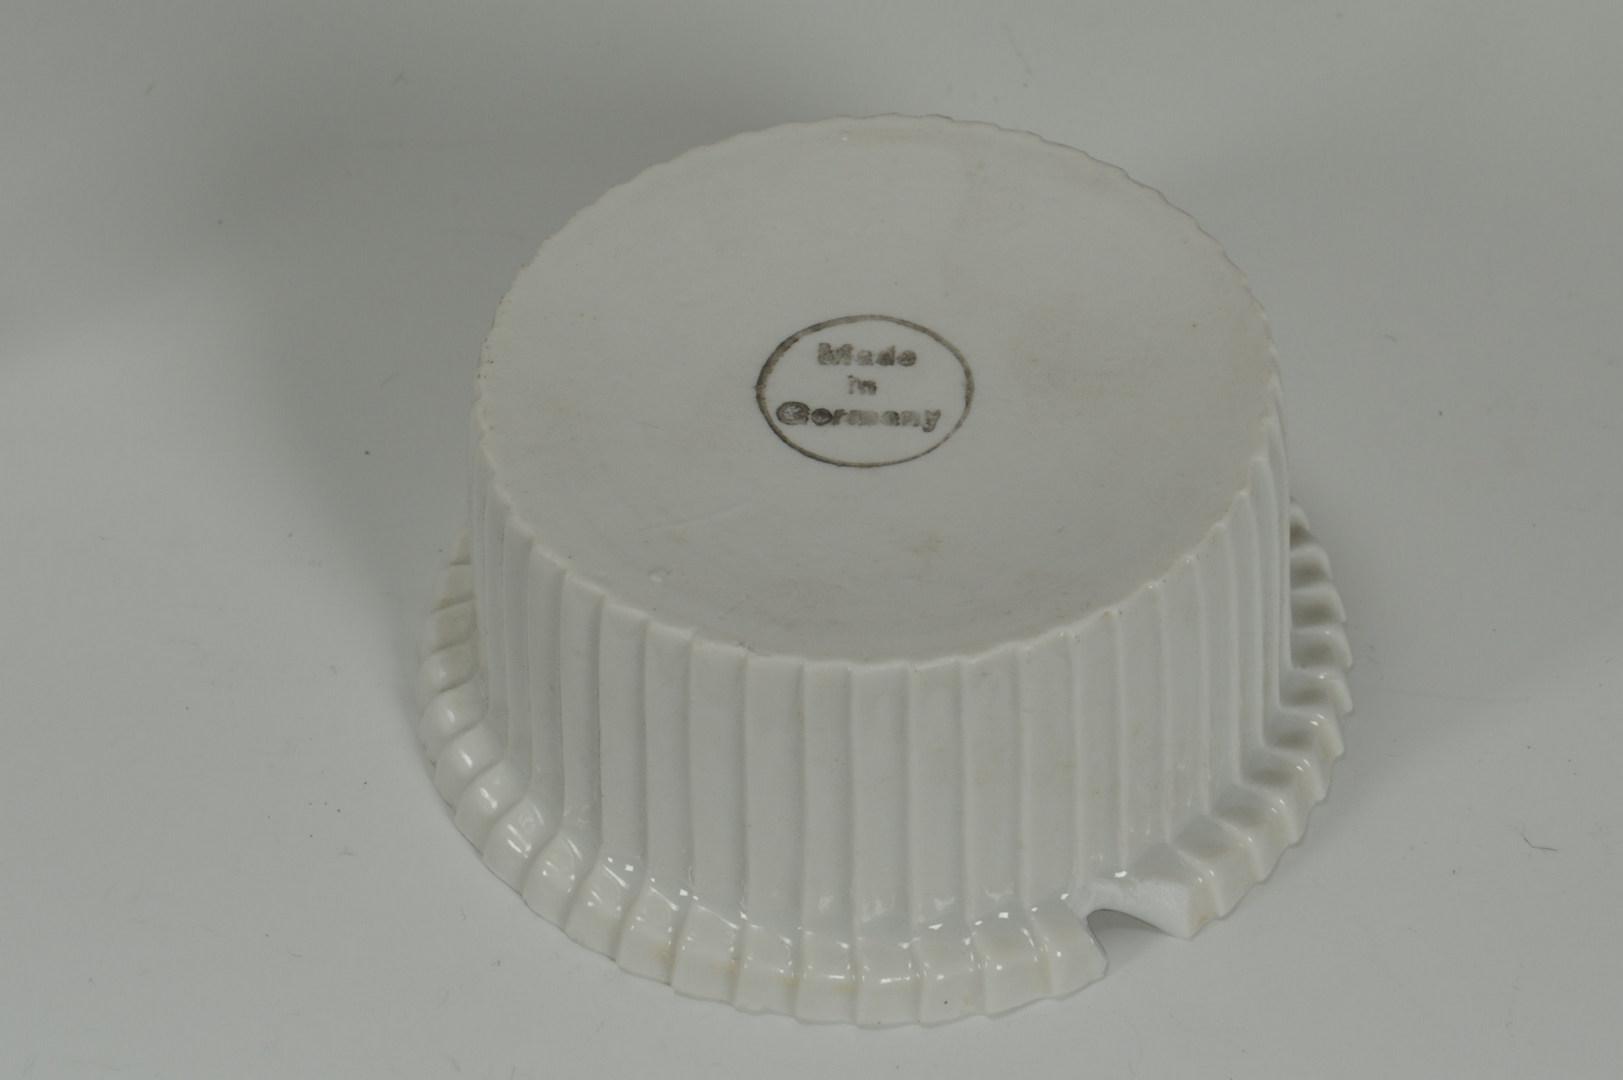 Lot 419: Set of 12 Gorham sterling and porcelain ramekins